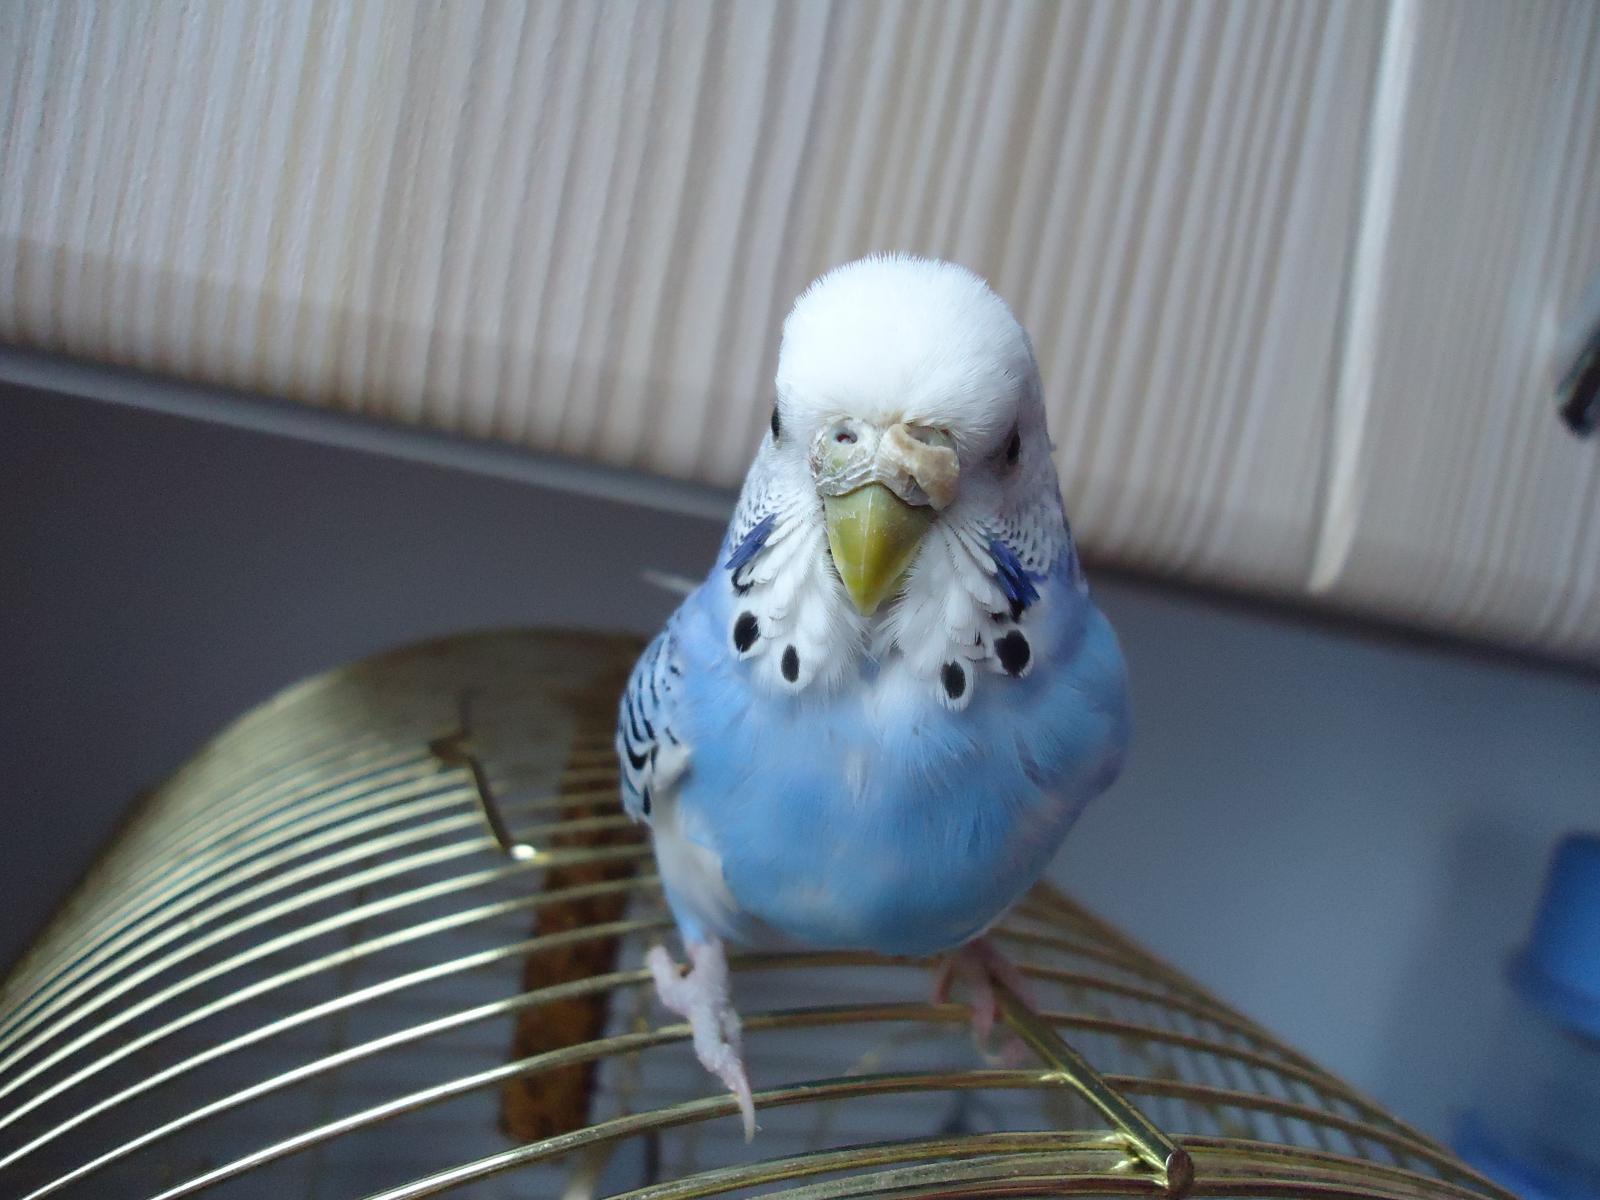 У попугая наросты возле клюва - что делать в таком случае?